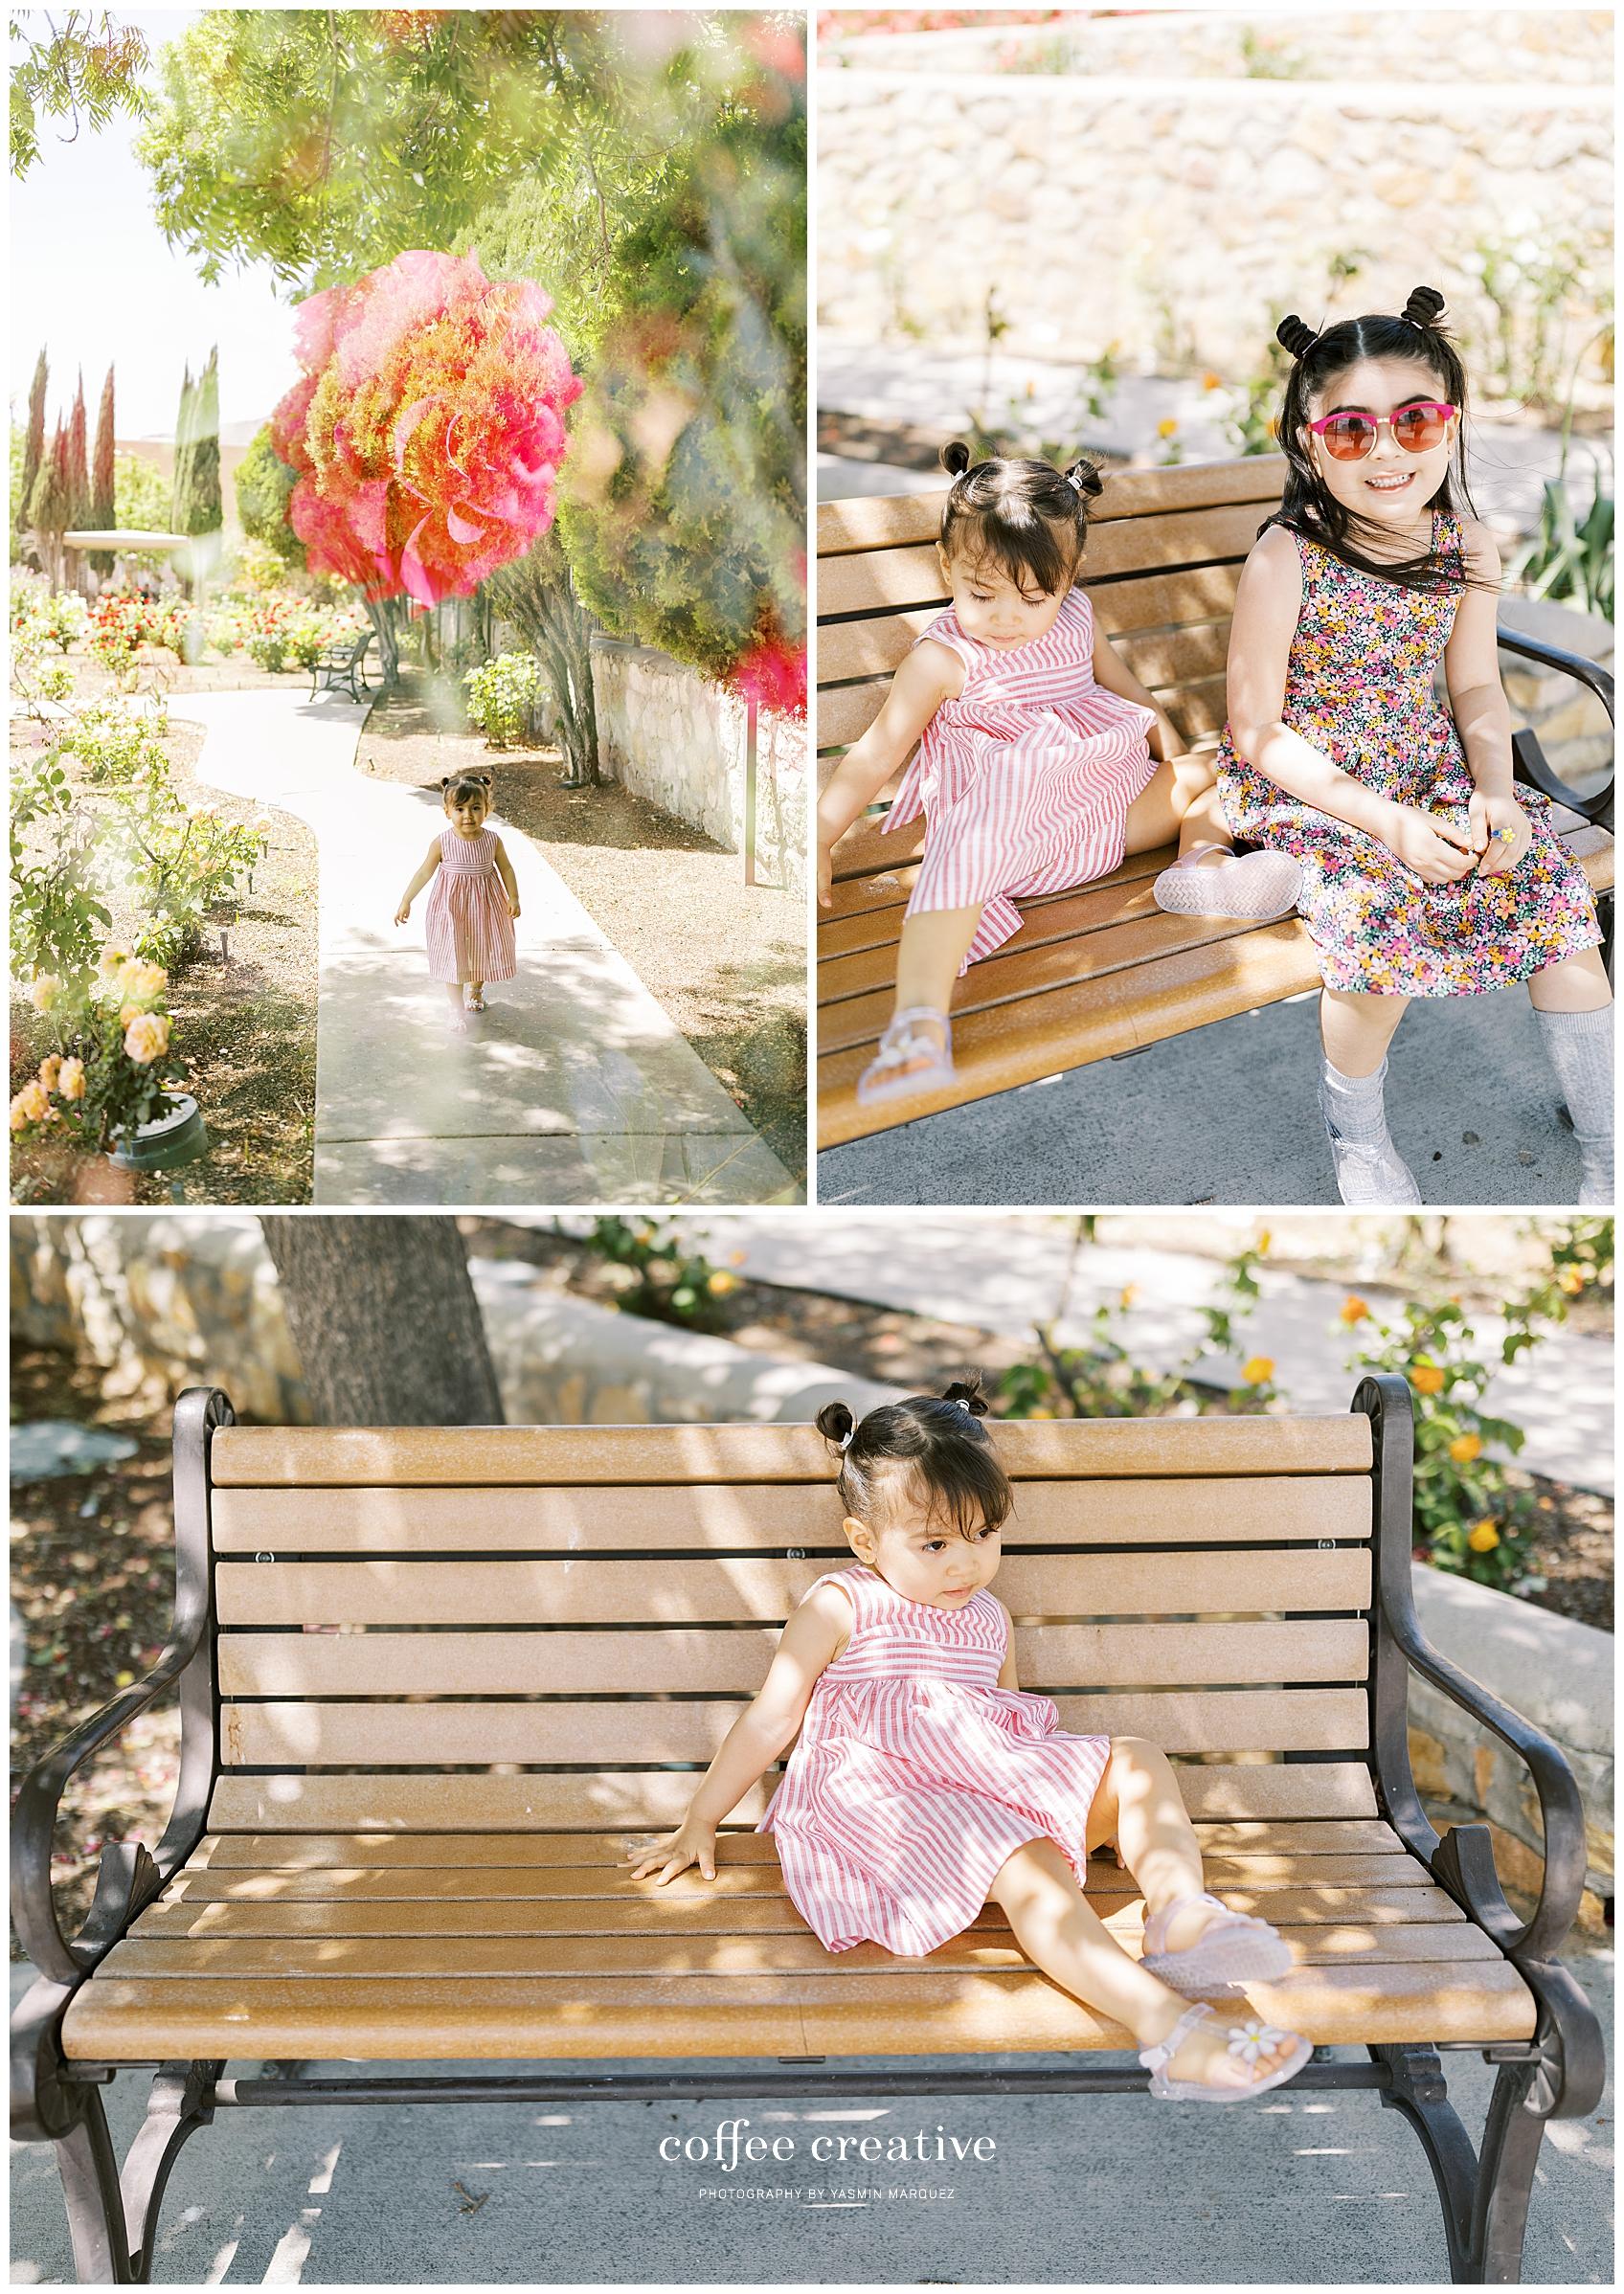 el paso rose garden, el paso mom blogger, el paso garden, el paso photographer, things to do in el paso